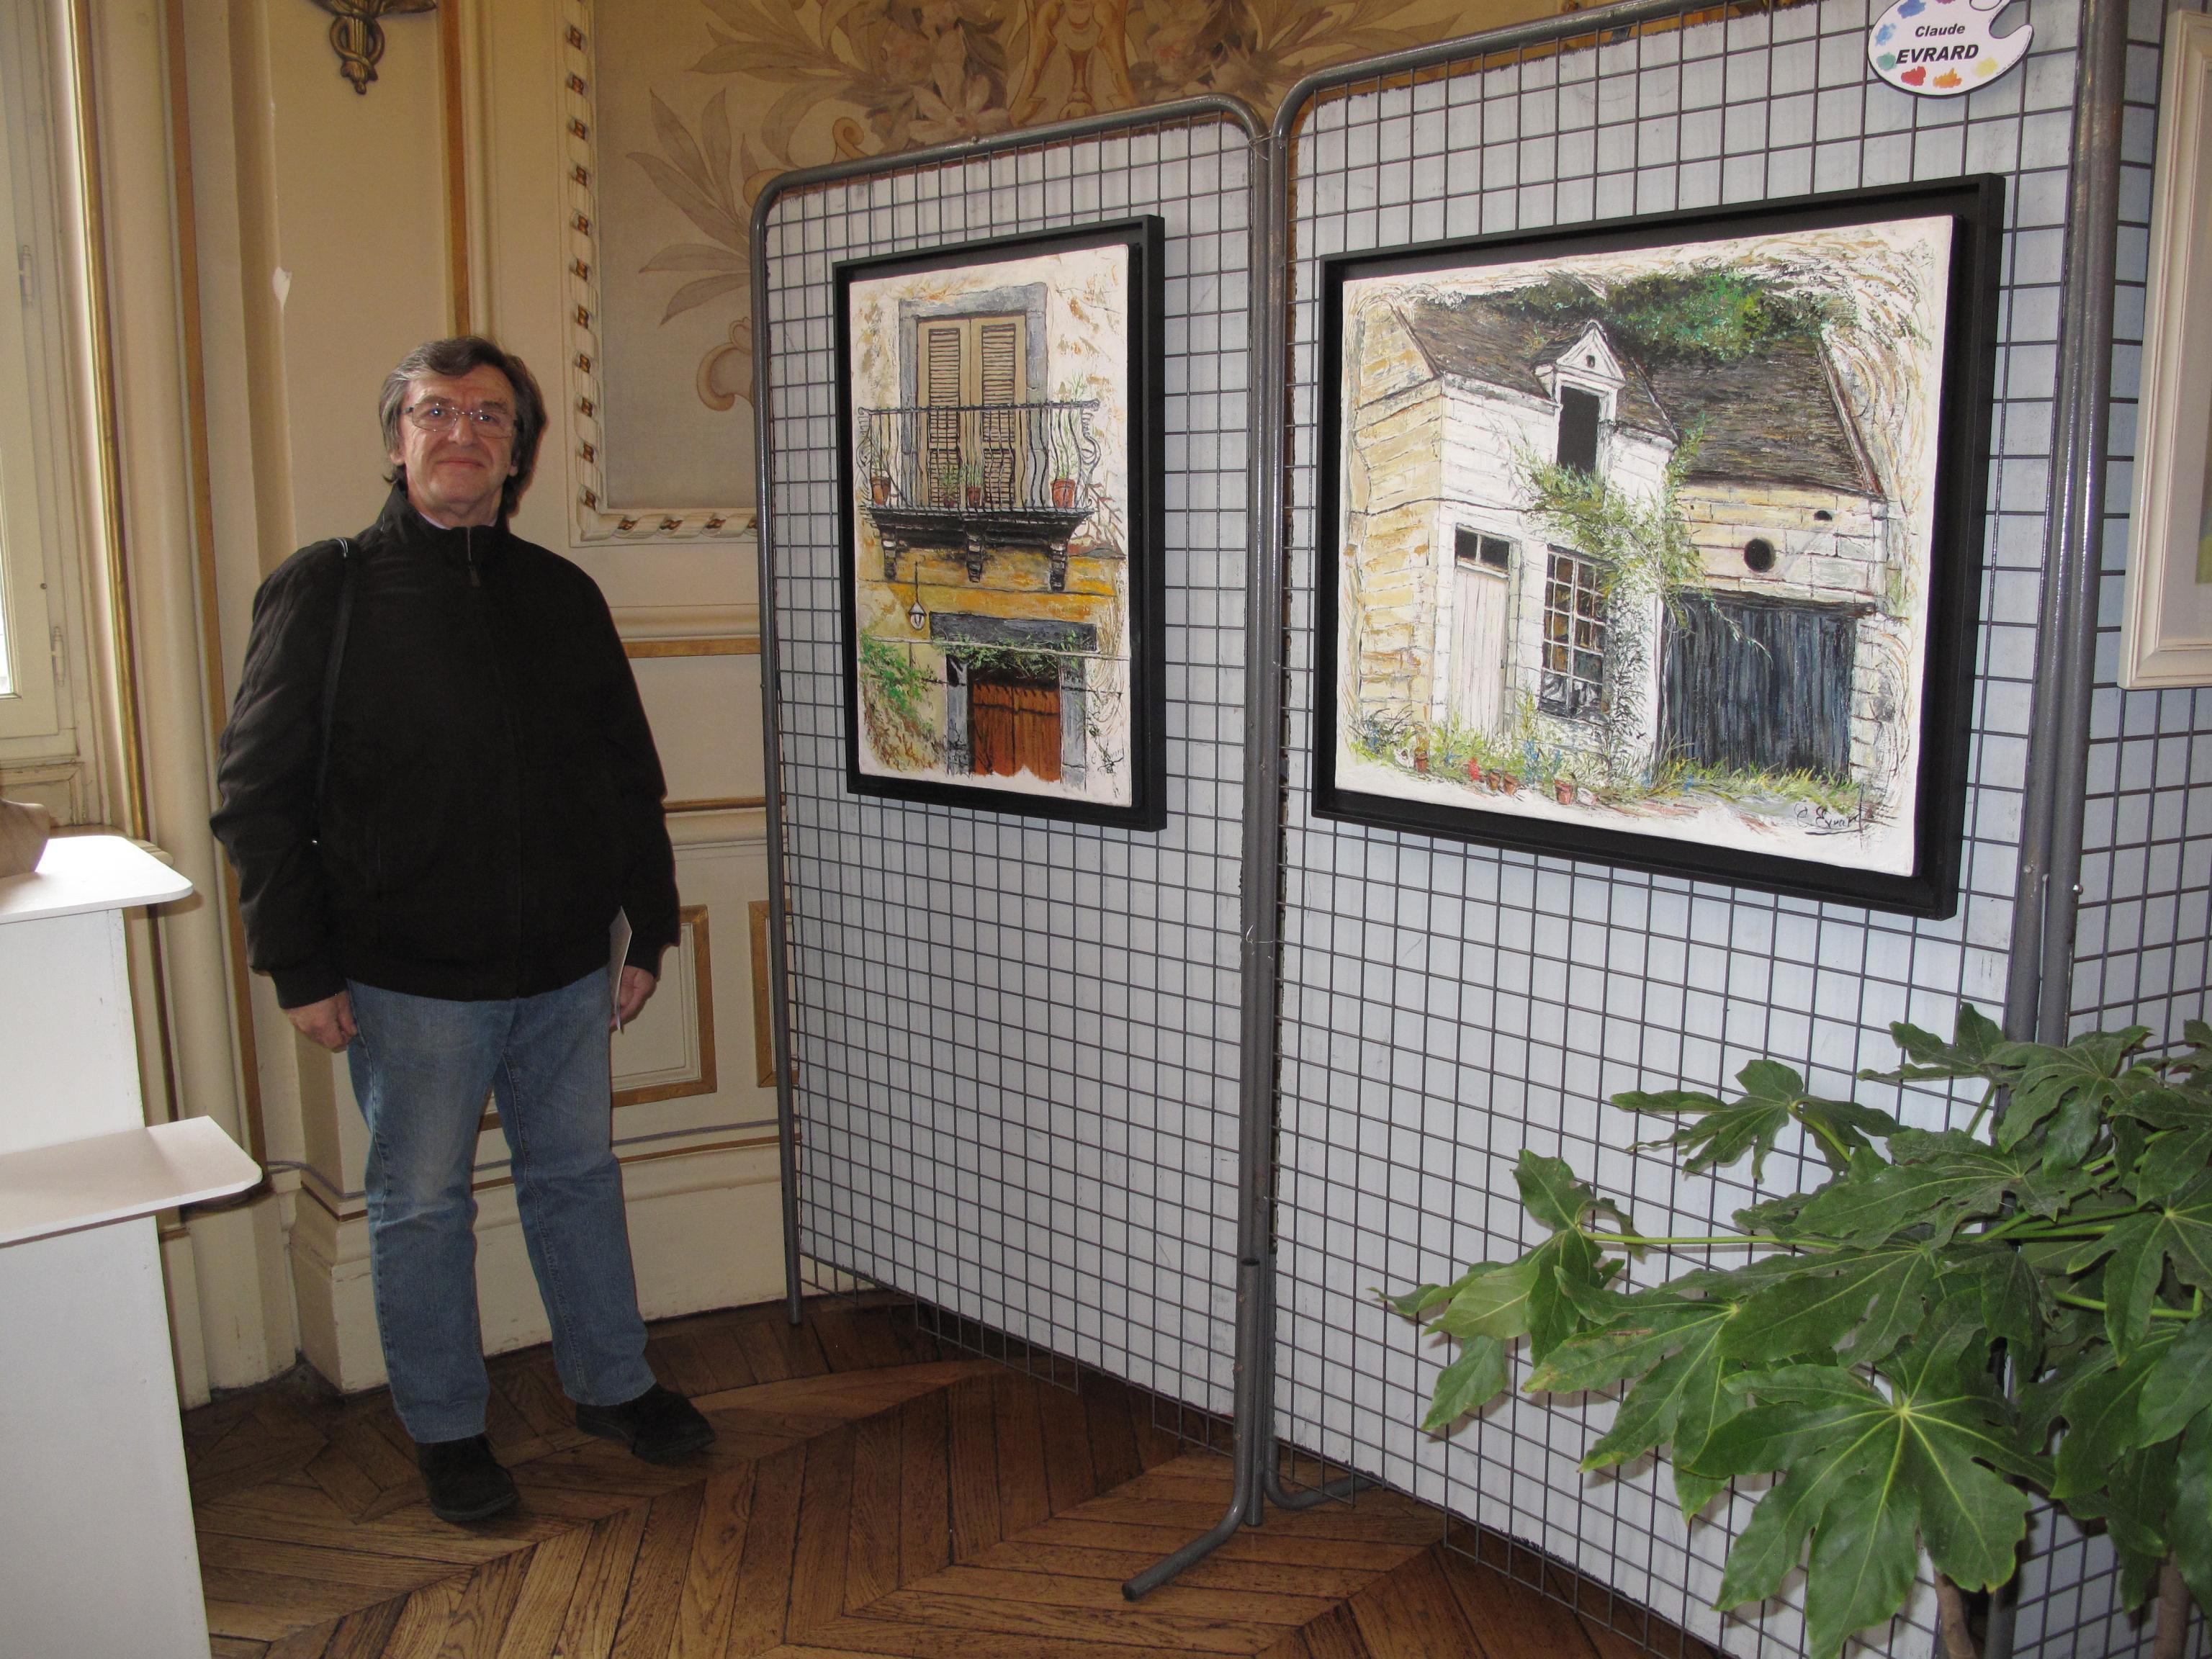 Actualité de EVRARD CLAUDE Salon des artistes indépendants à SENS 2014